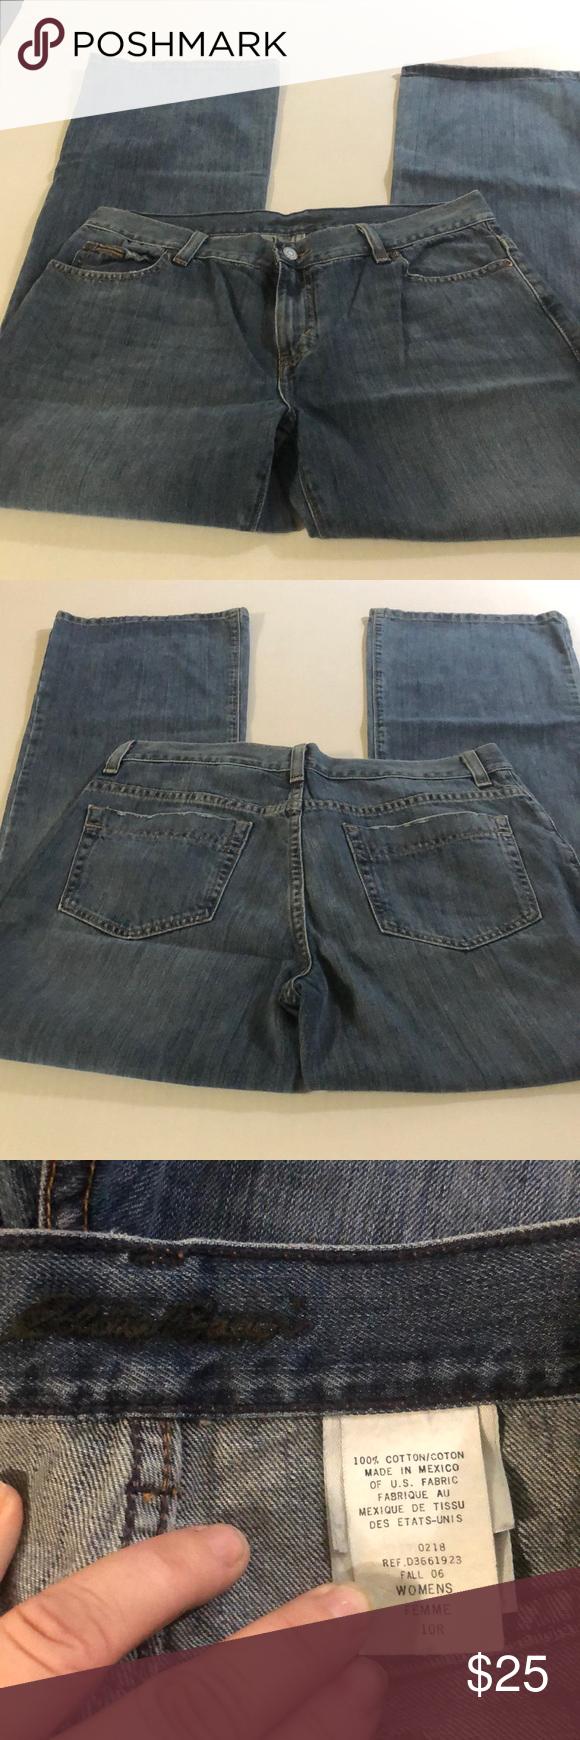 Eddie Bauer Jeans Eddie bauer, Women jeans, Women shopping